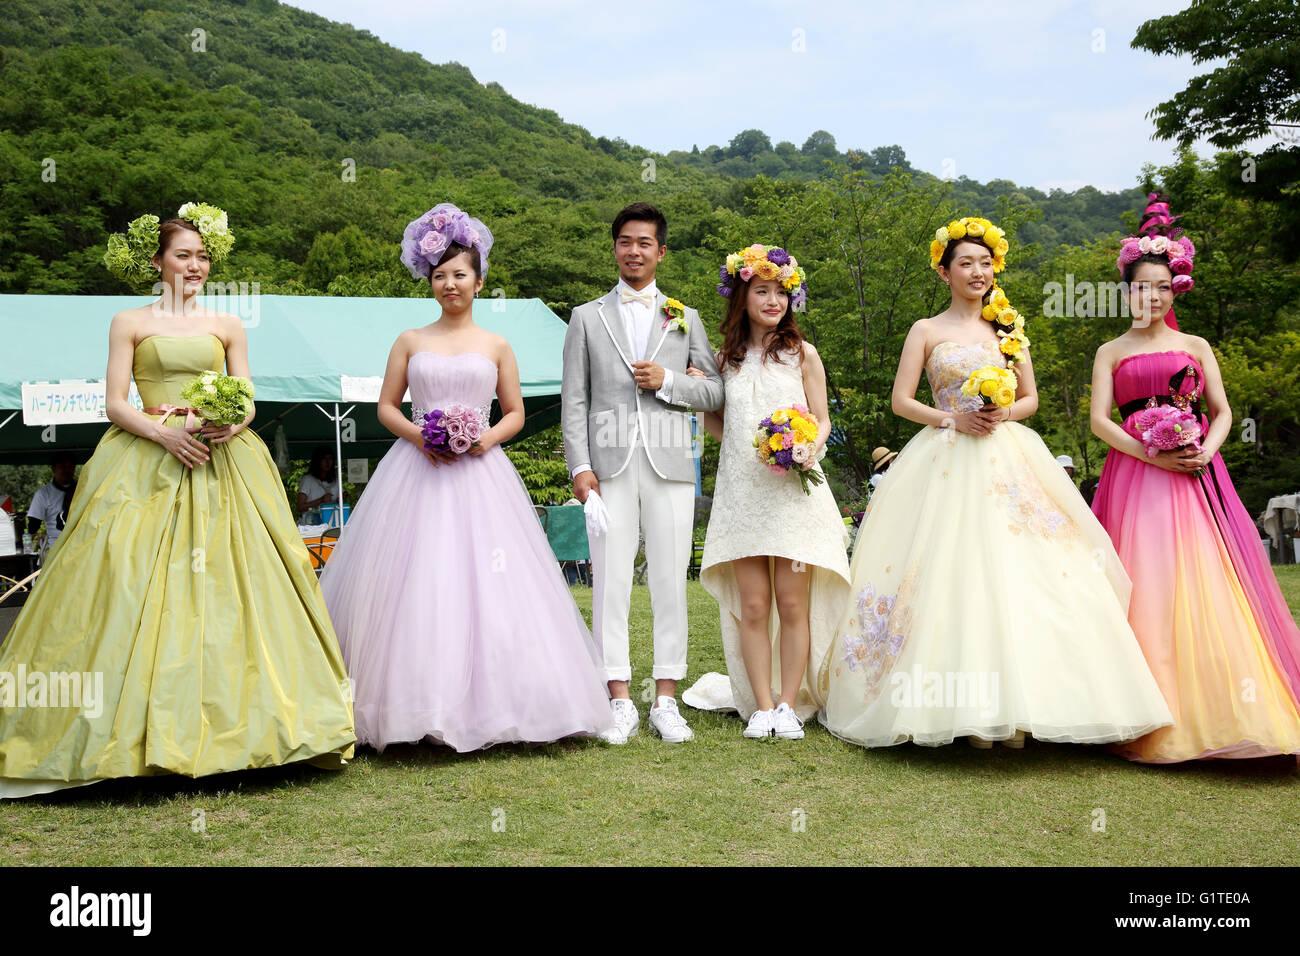 Junge japanische Modelle auftauchen Brautkleid Stockfoto, Bild ...